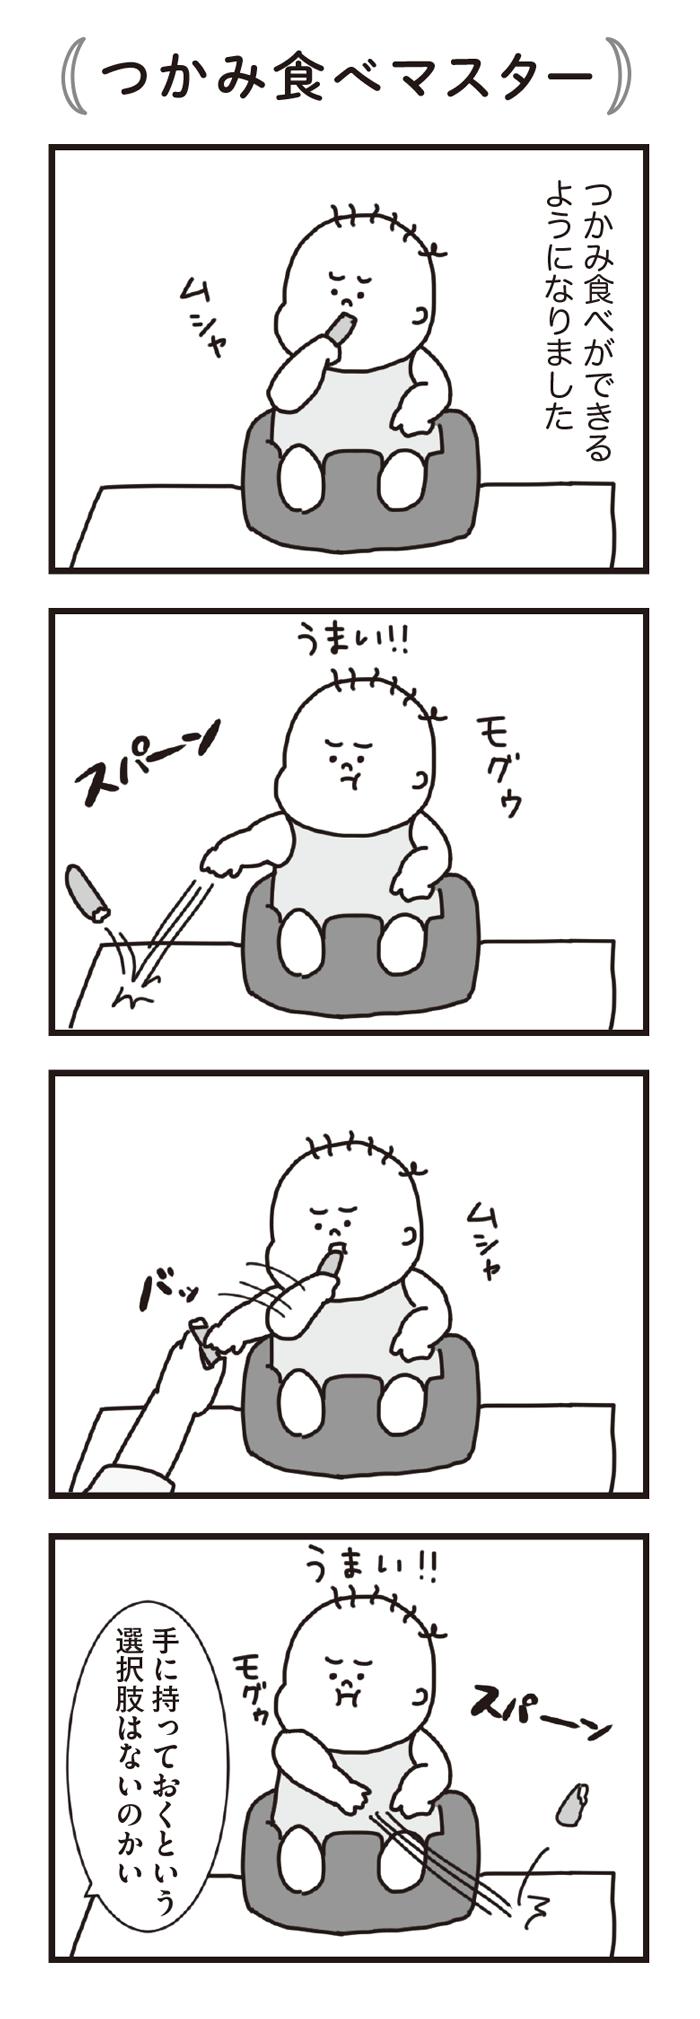 まるでオタ芸?赤ちゃんの不思議な動きはネタの宝庫!(笑)の画像8